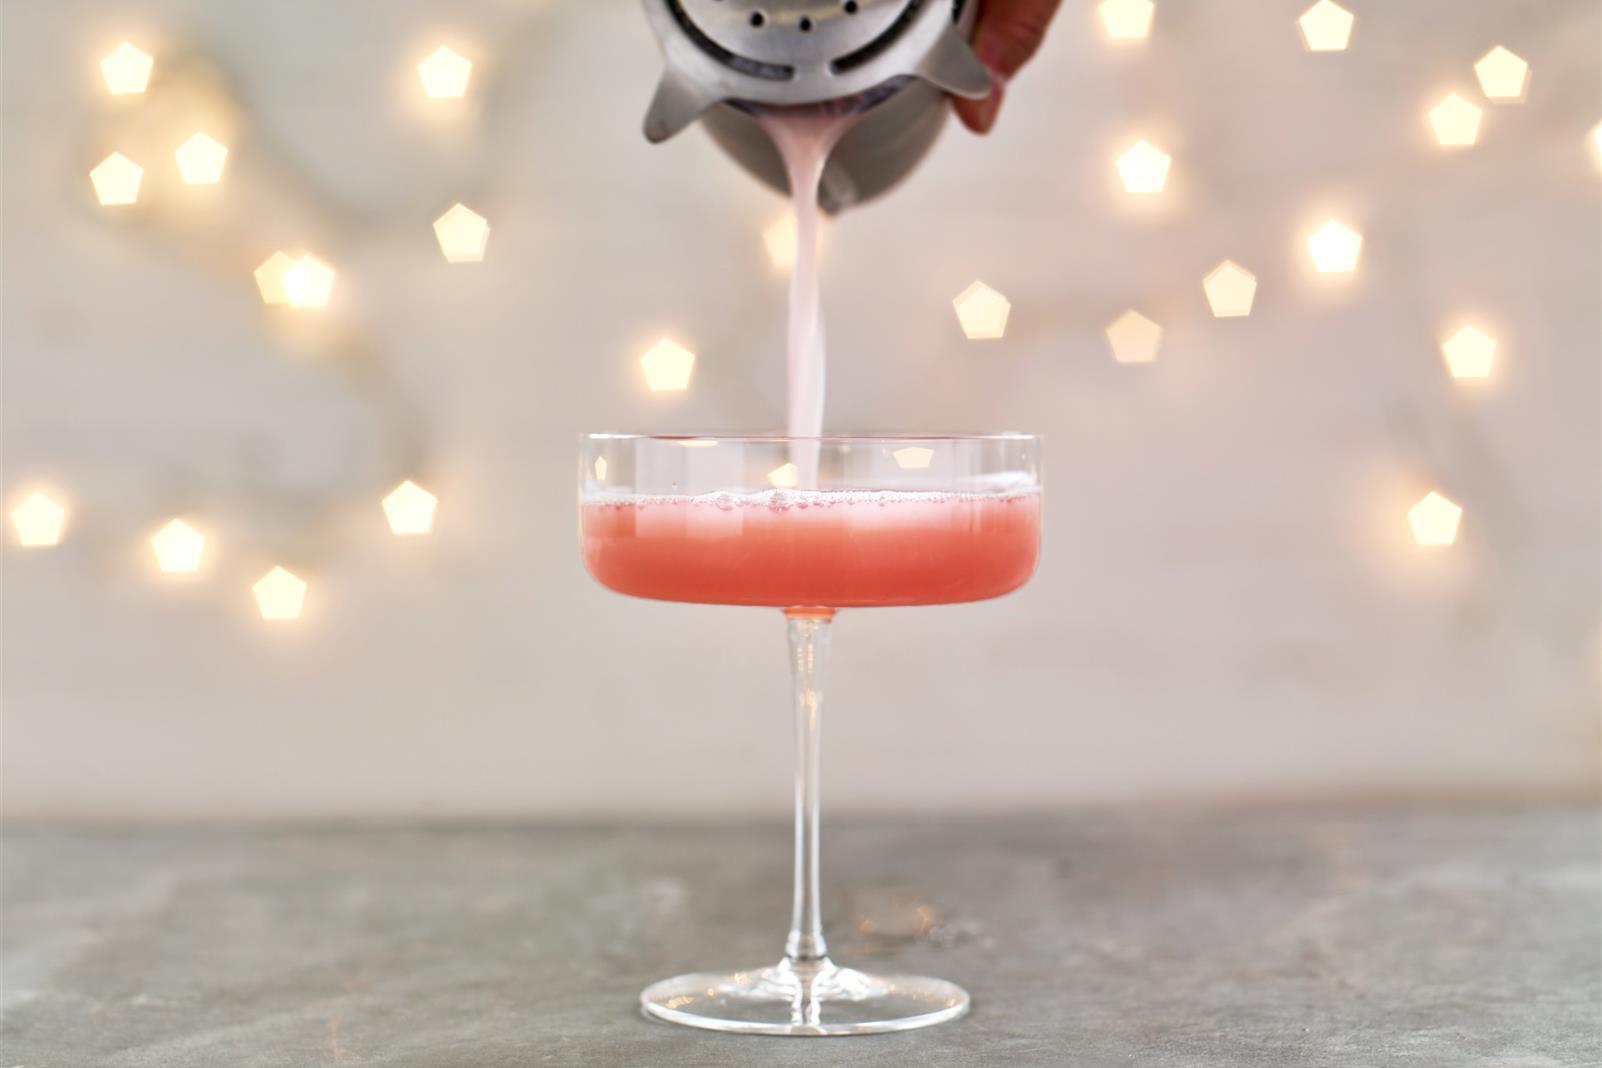 Cranberry Pisco Sour